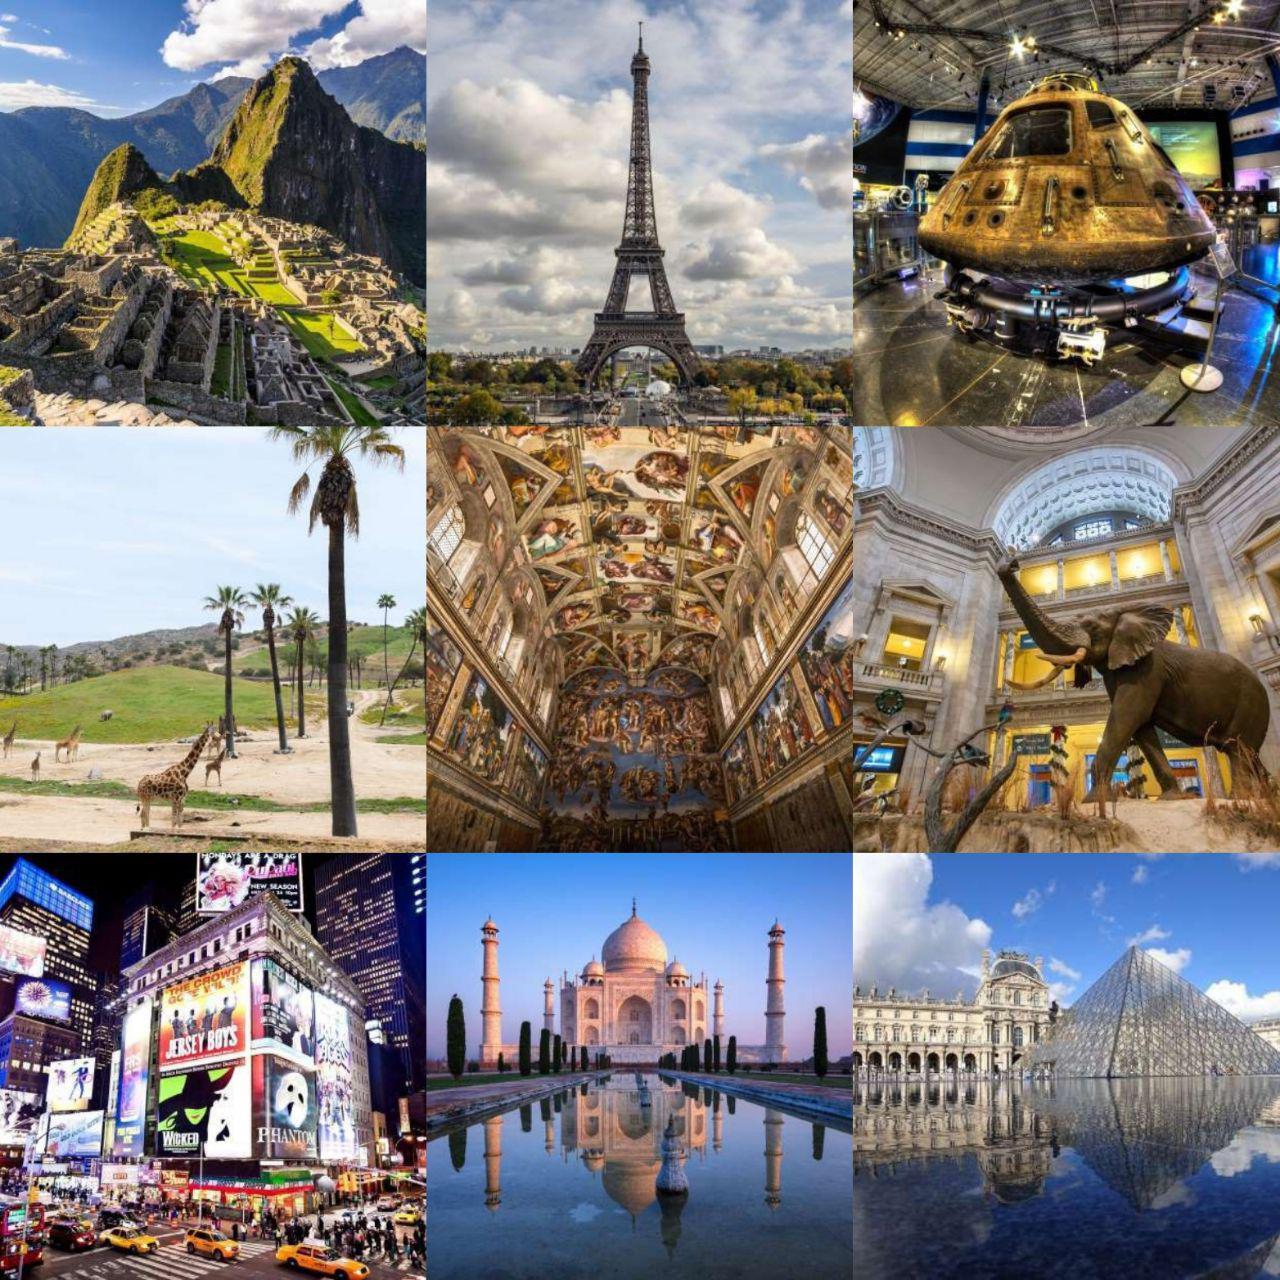 ۱۹ نقطهی دیدنی جهان برای سفر مجازی